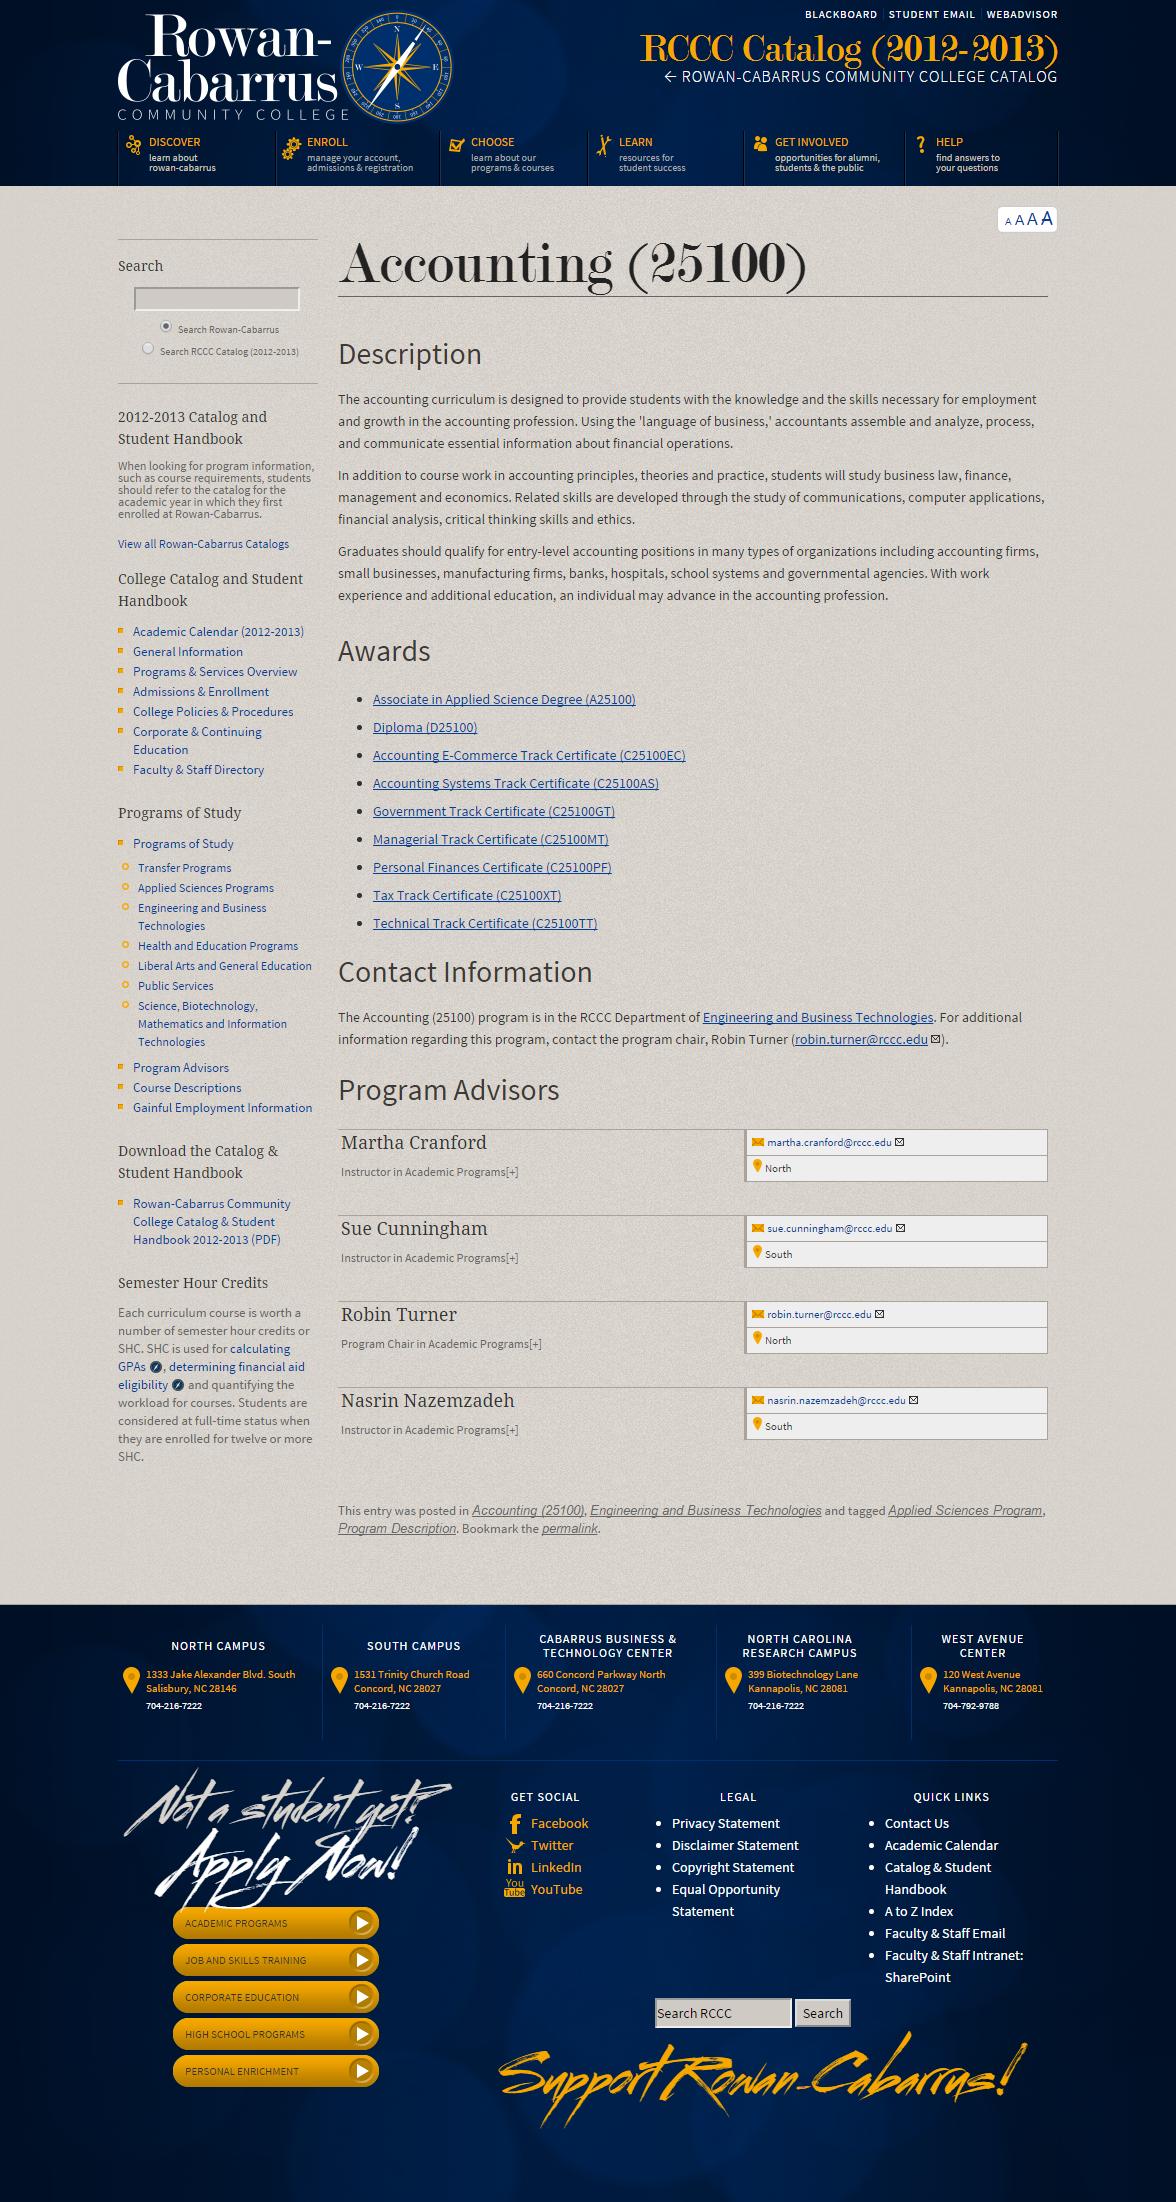 Program Description Page